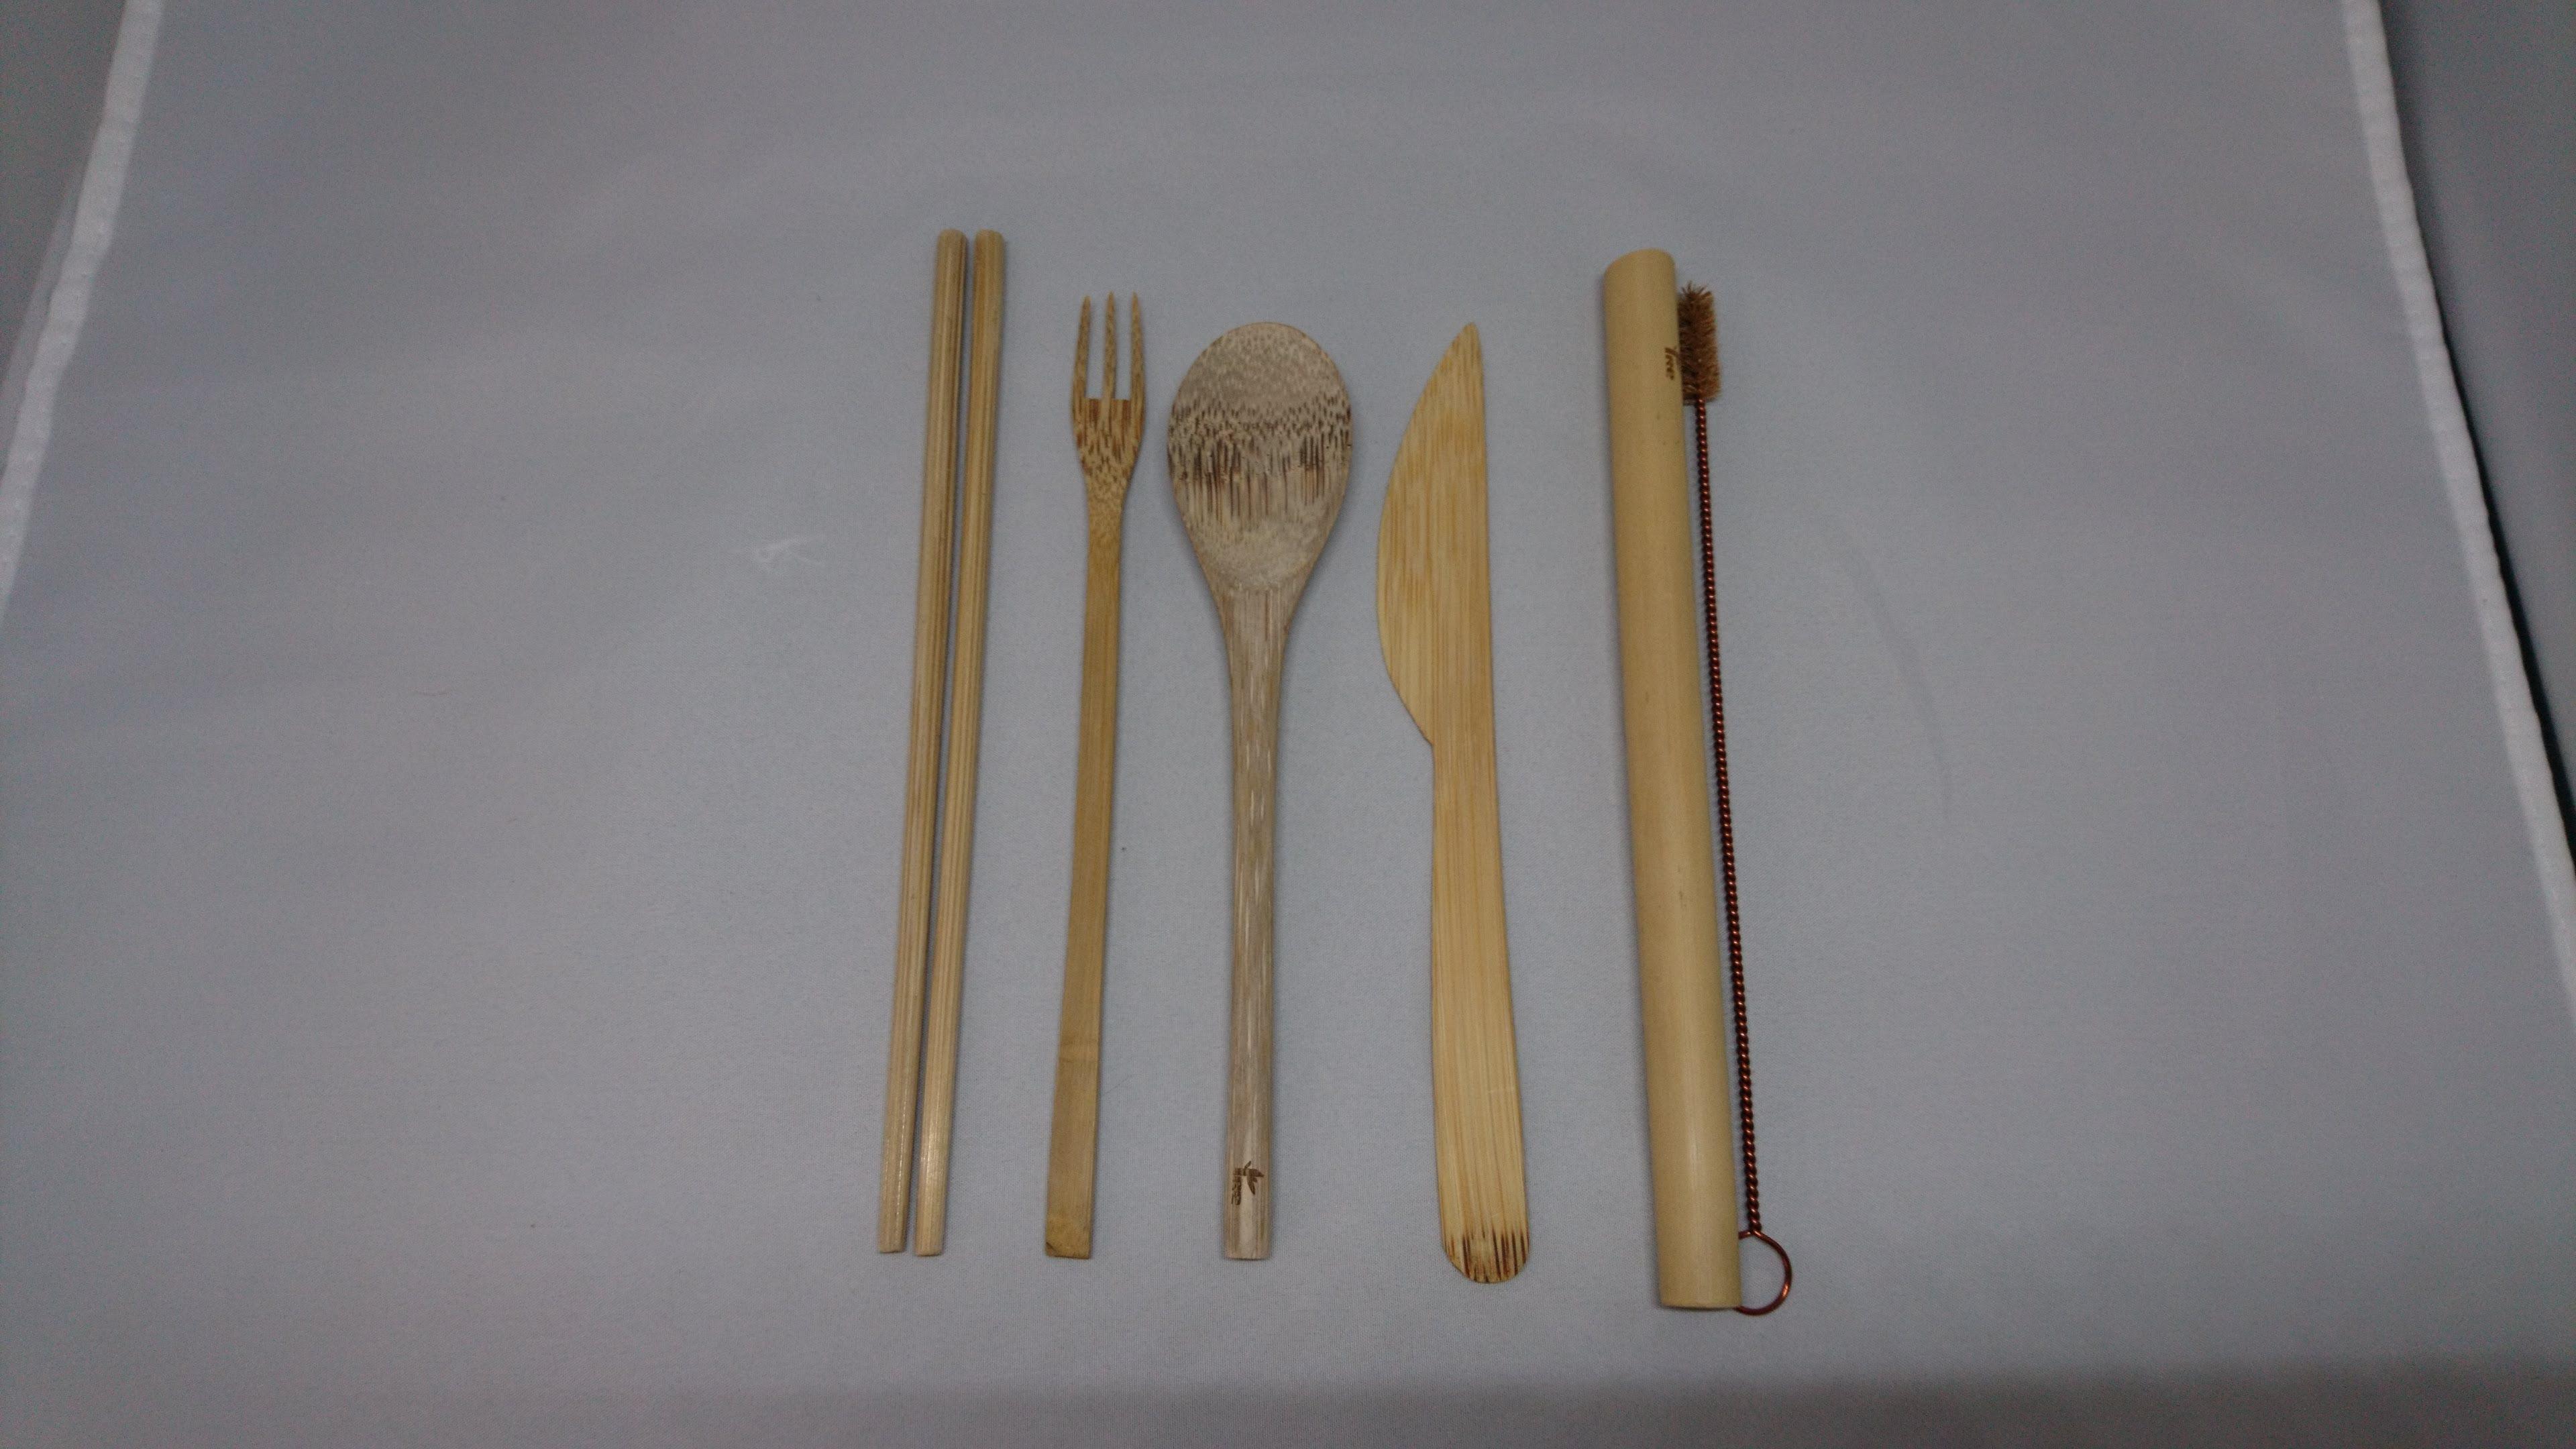 天然素材(再利用可能/生分解性)竹製マイ箸7点セット(再利用可能ストロー付き)